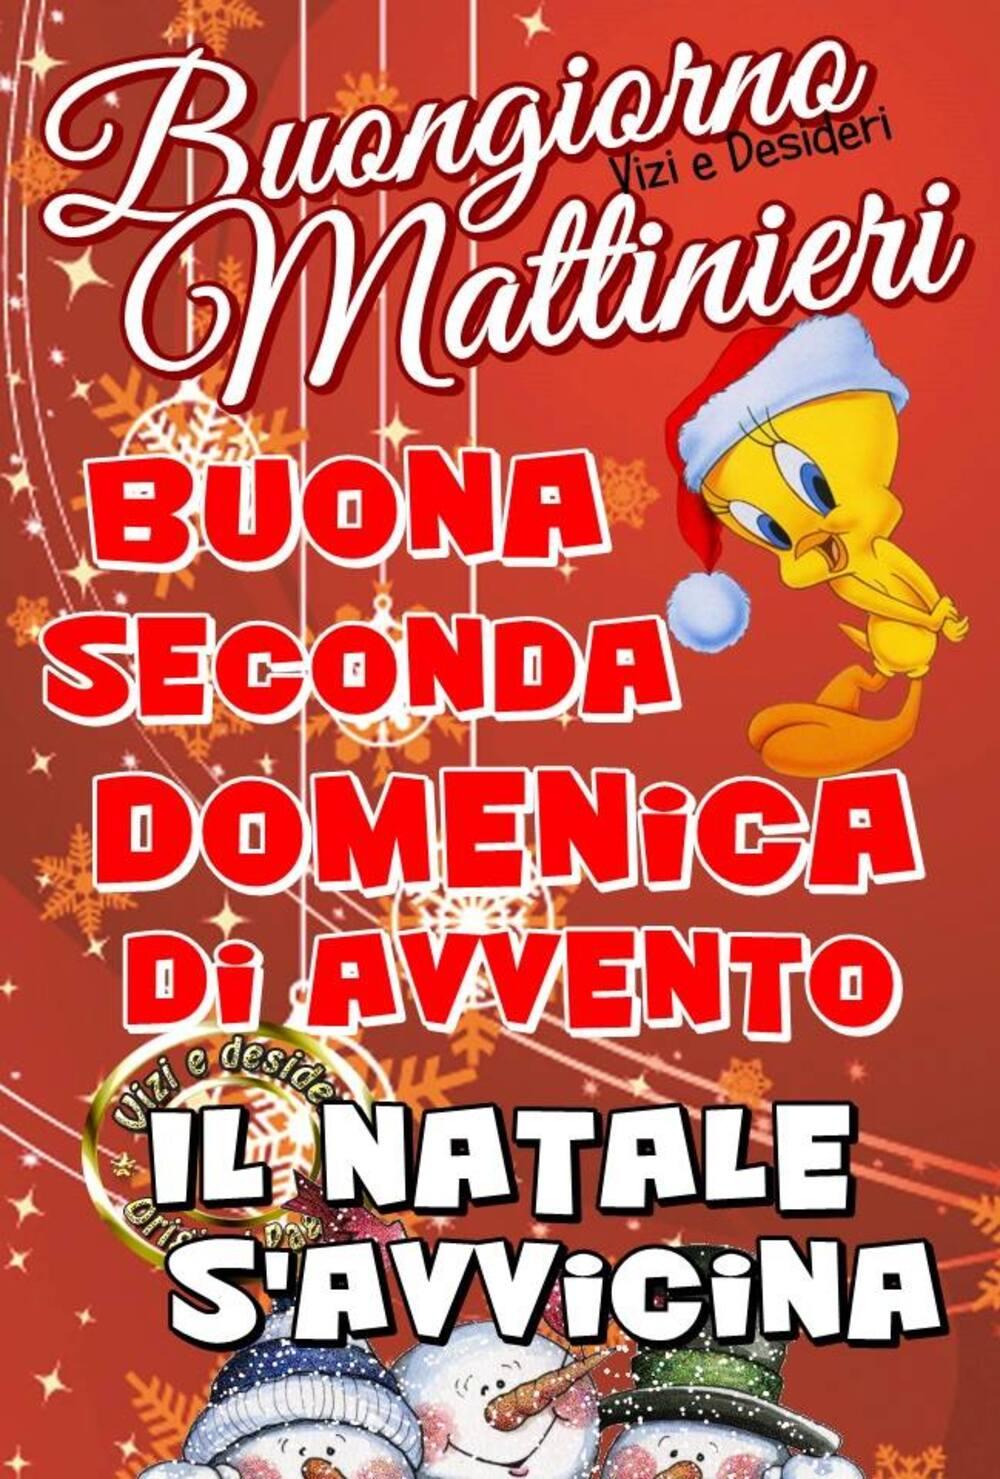 Buongiorno Mattinieri, Buona Seconda Domenica di Avvento, il Natale s'avvicina